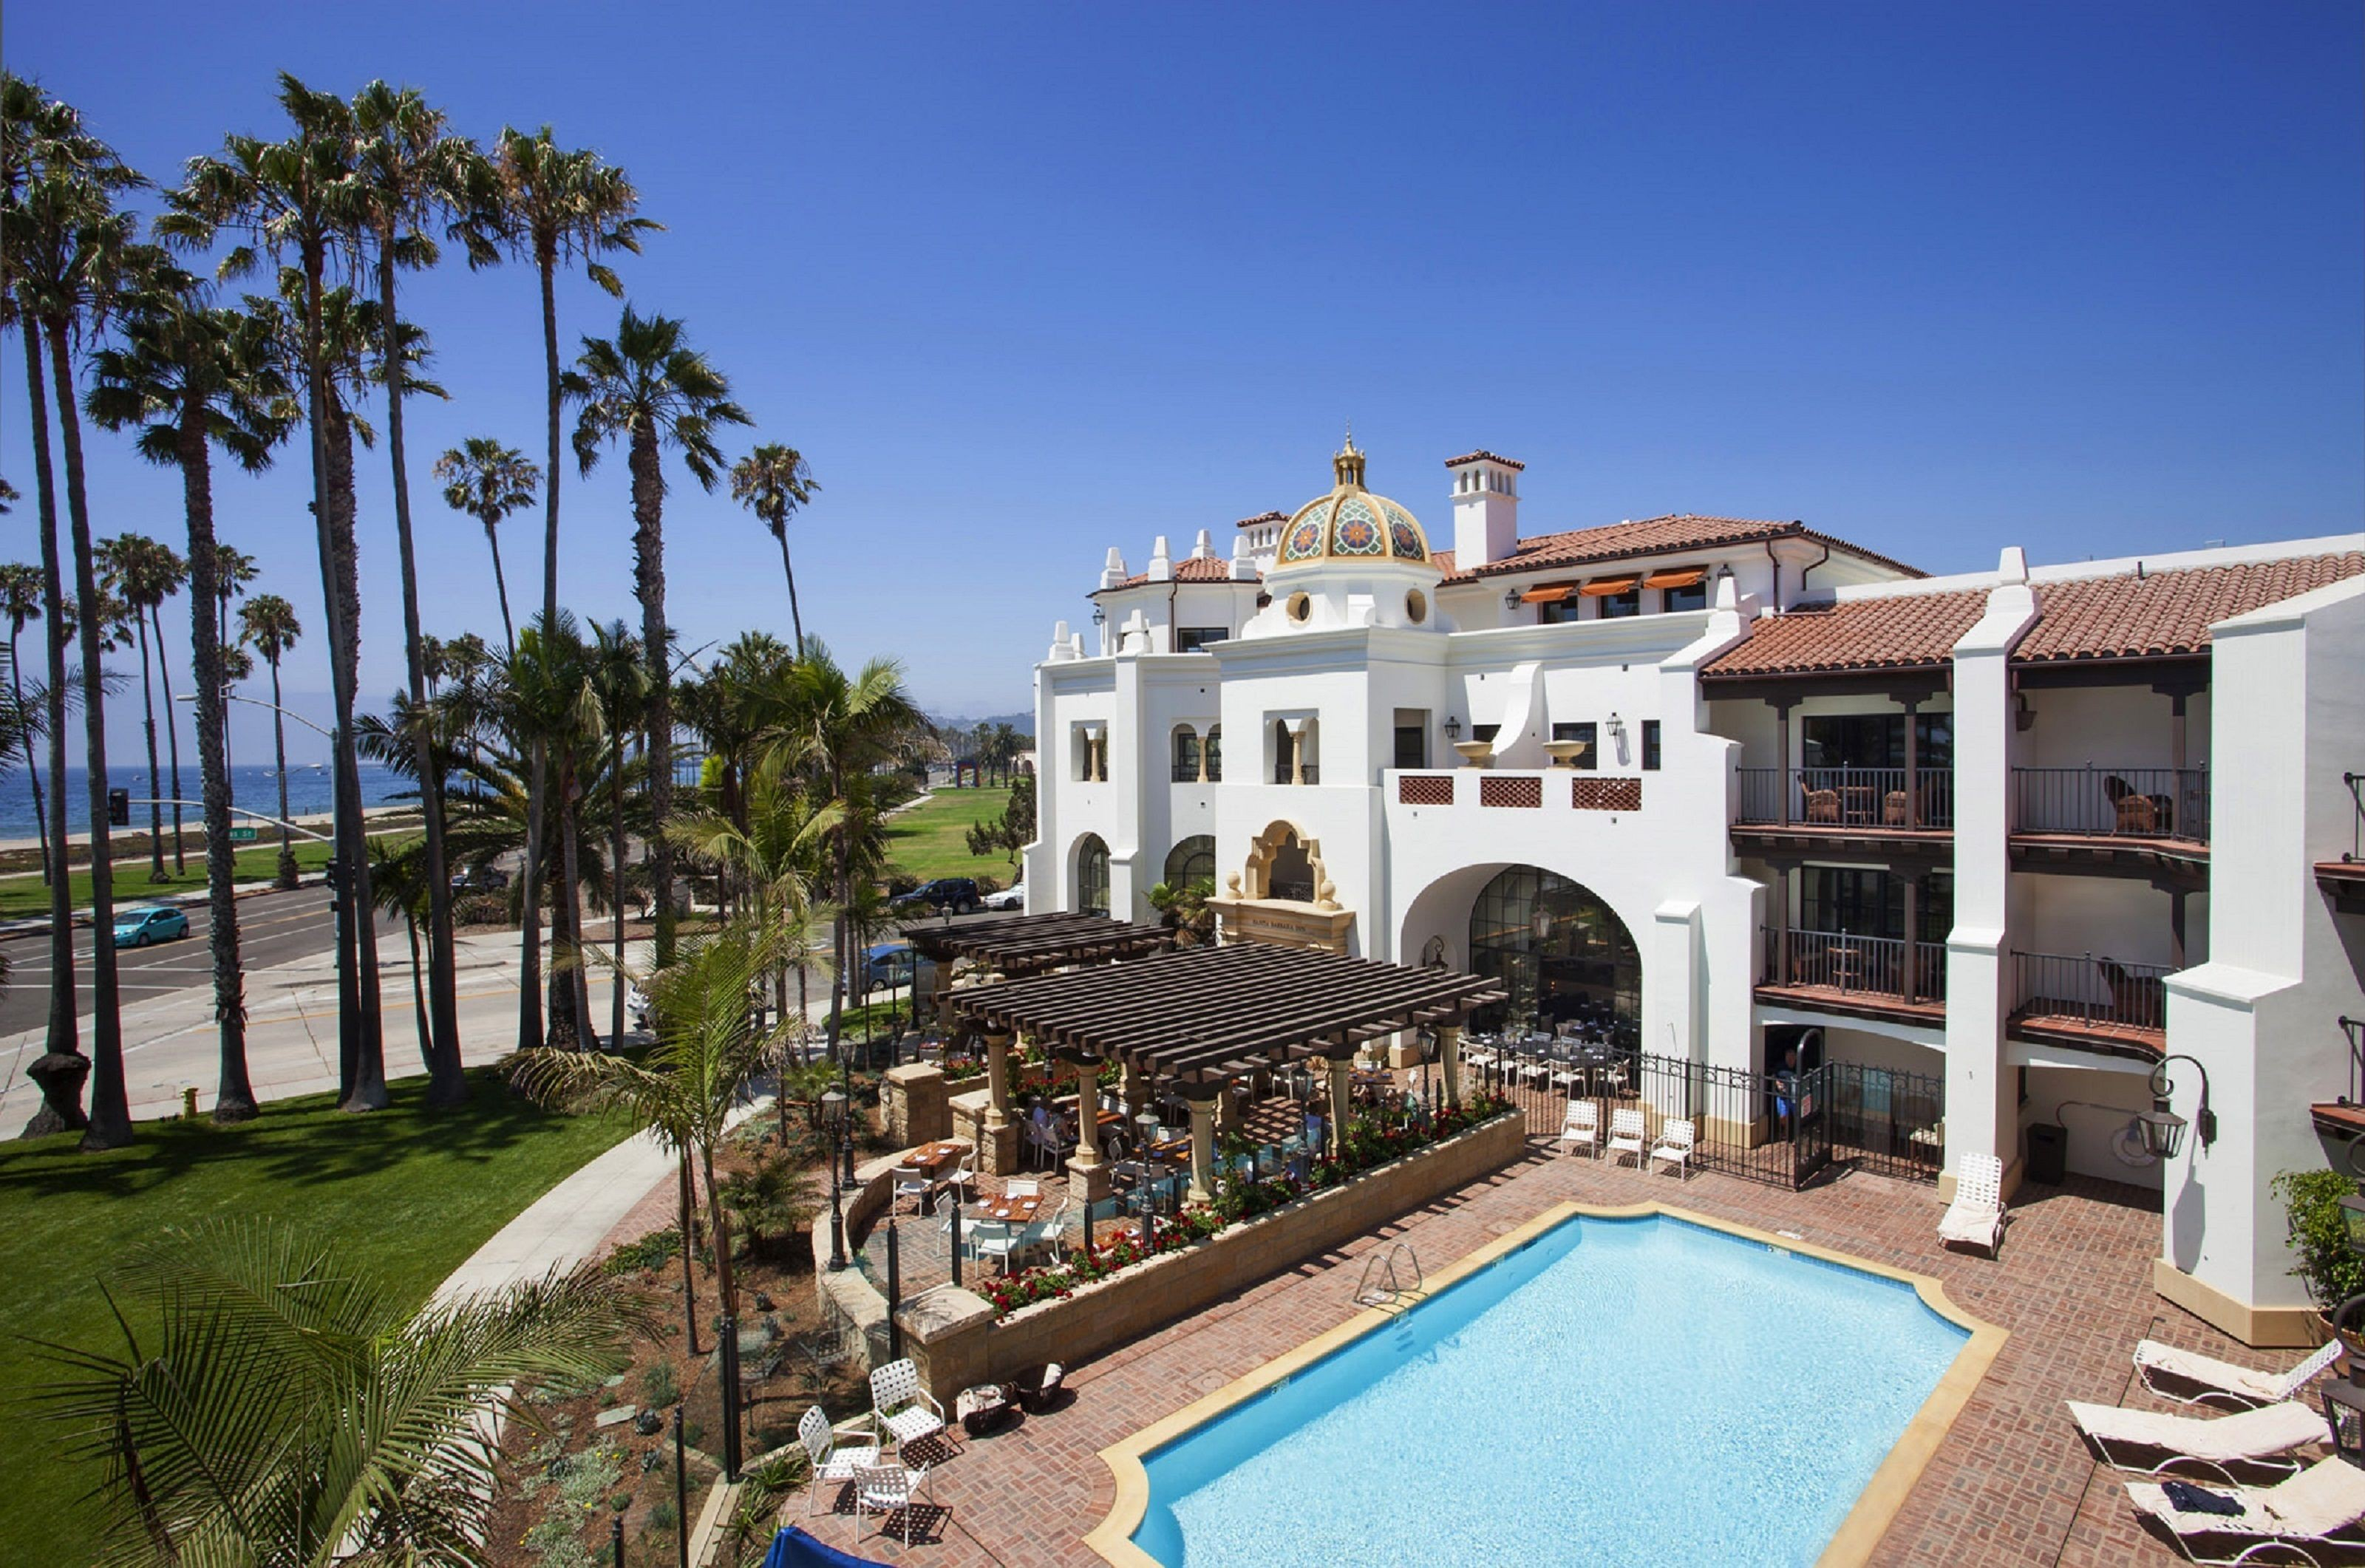 Courtesy of Santa Barbara Inn / Expedia